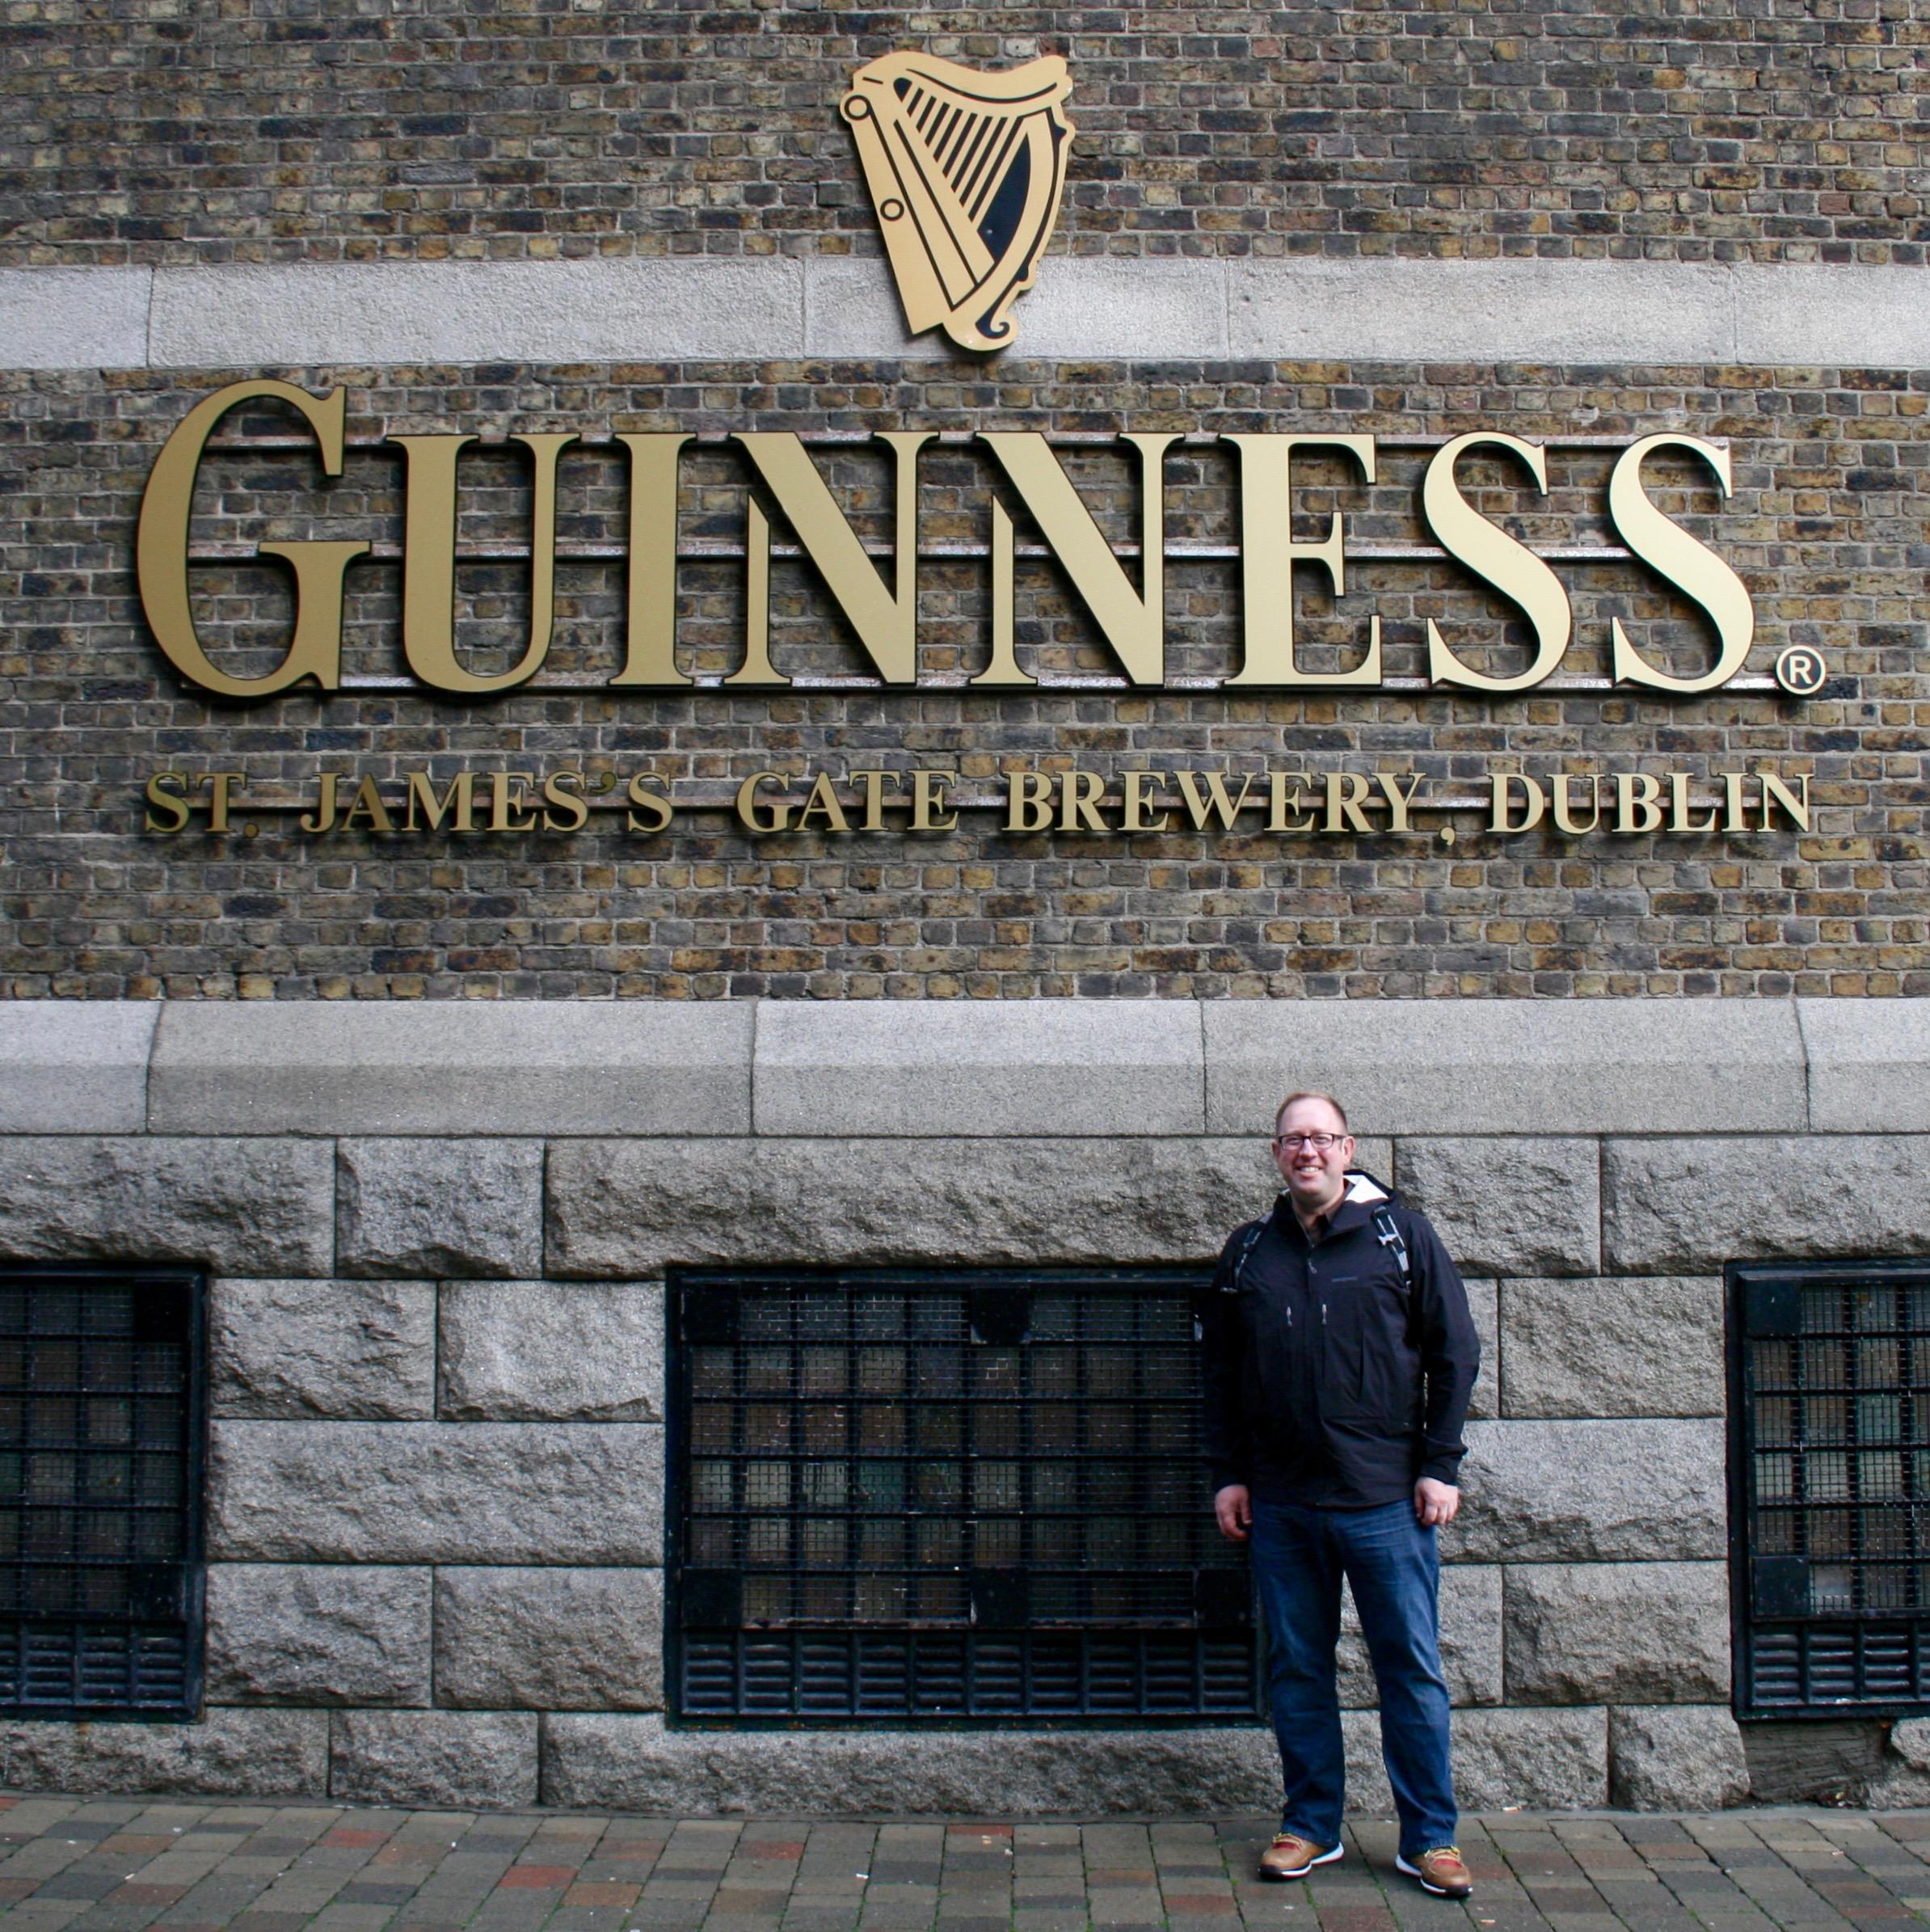 Outside of the Guinness Storehouse in Dublin, Ireland.